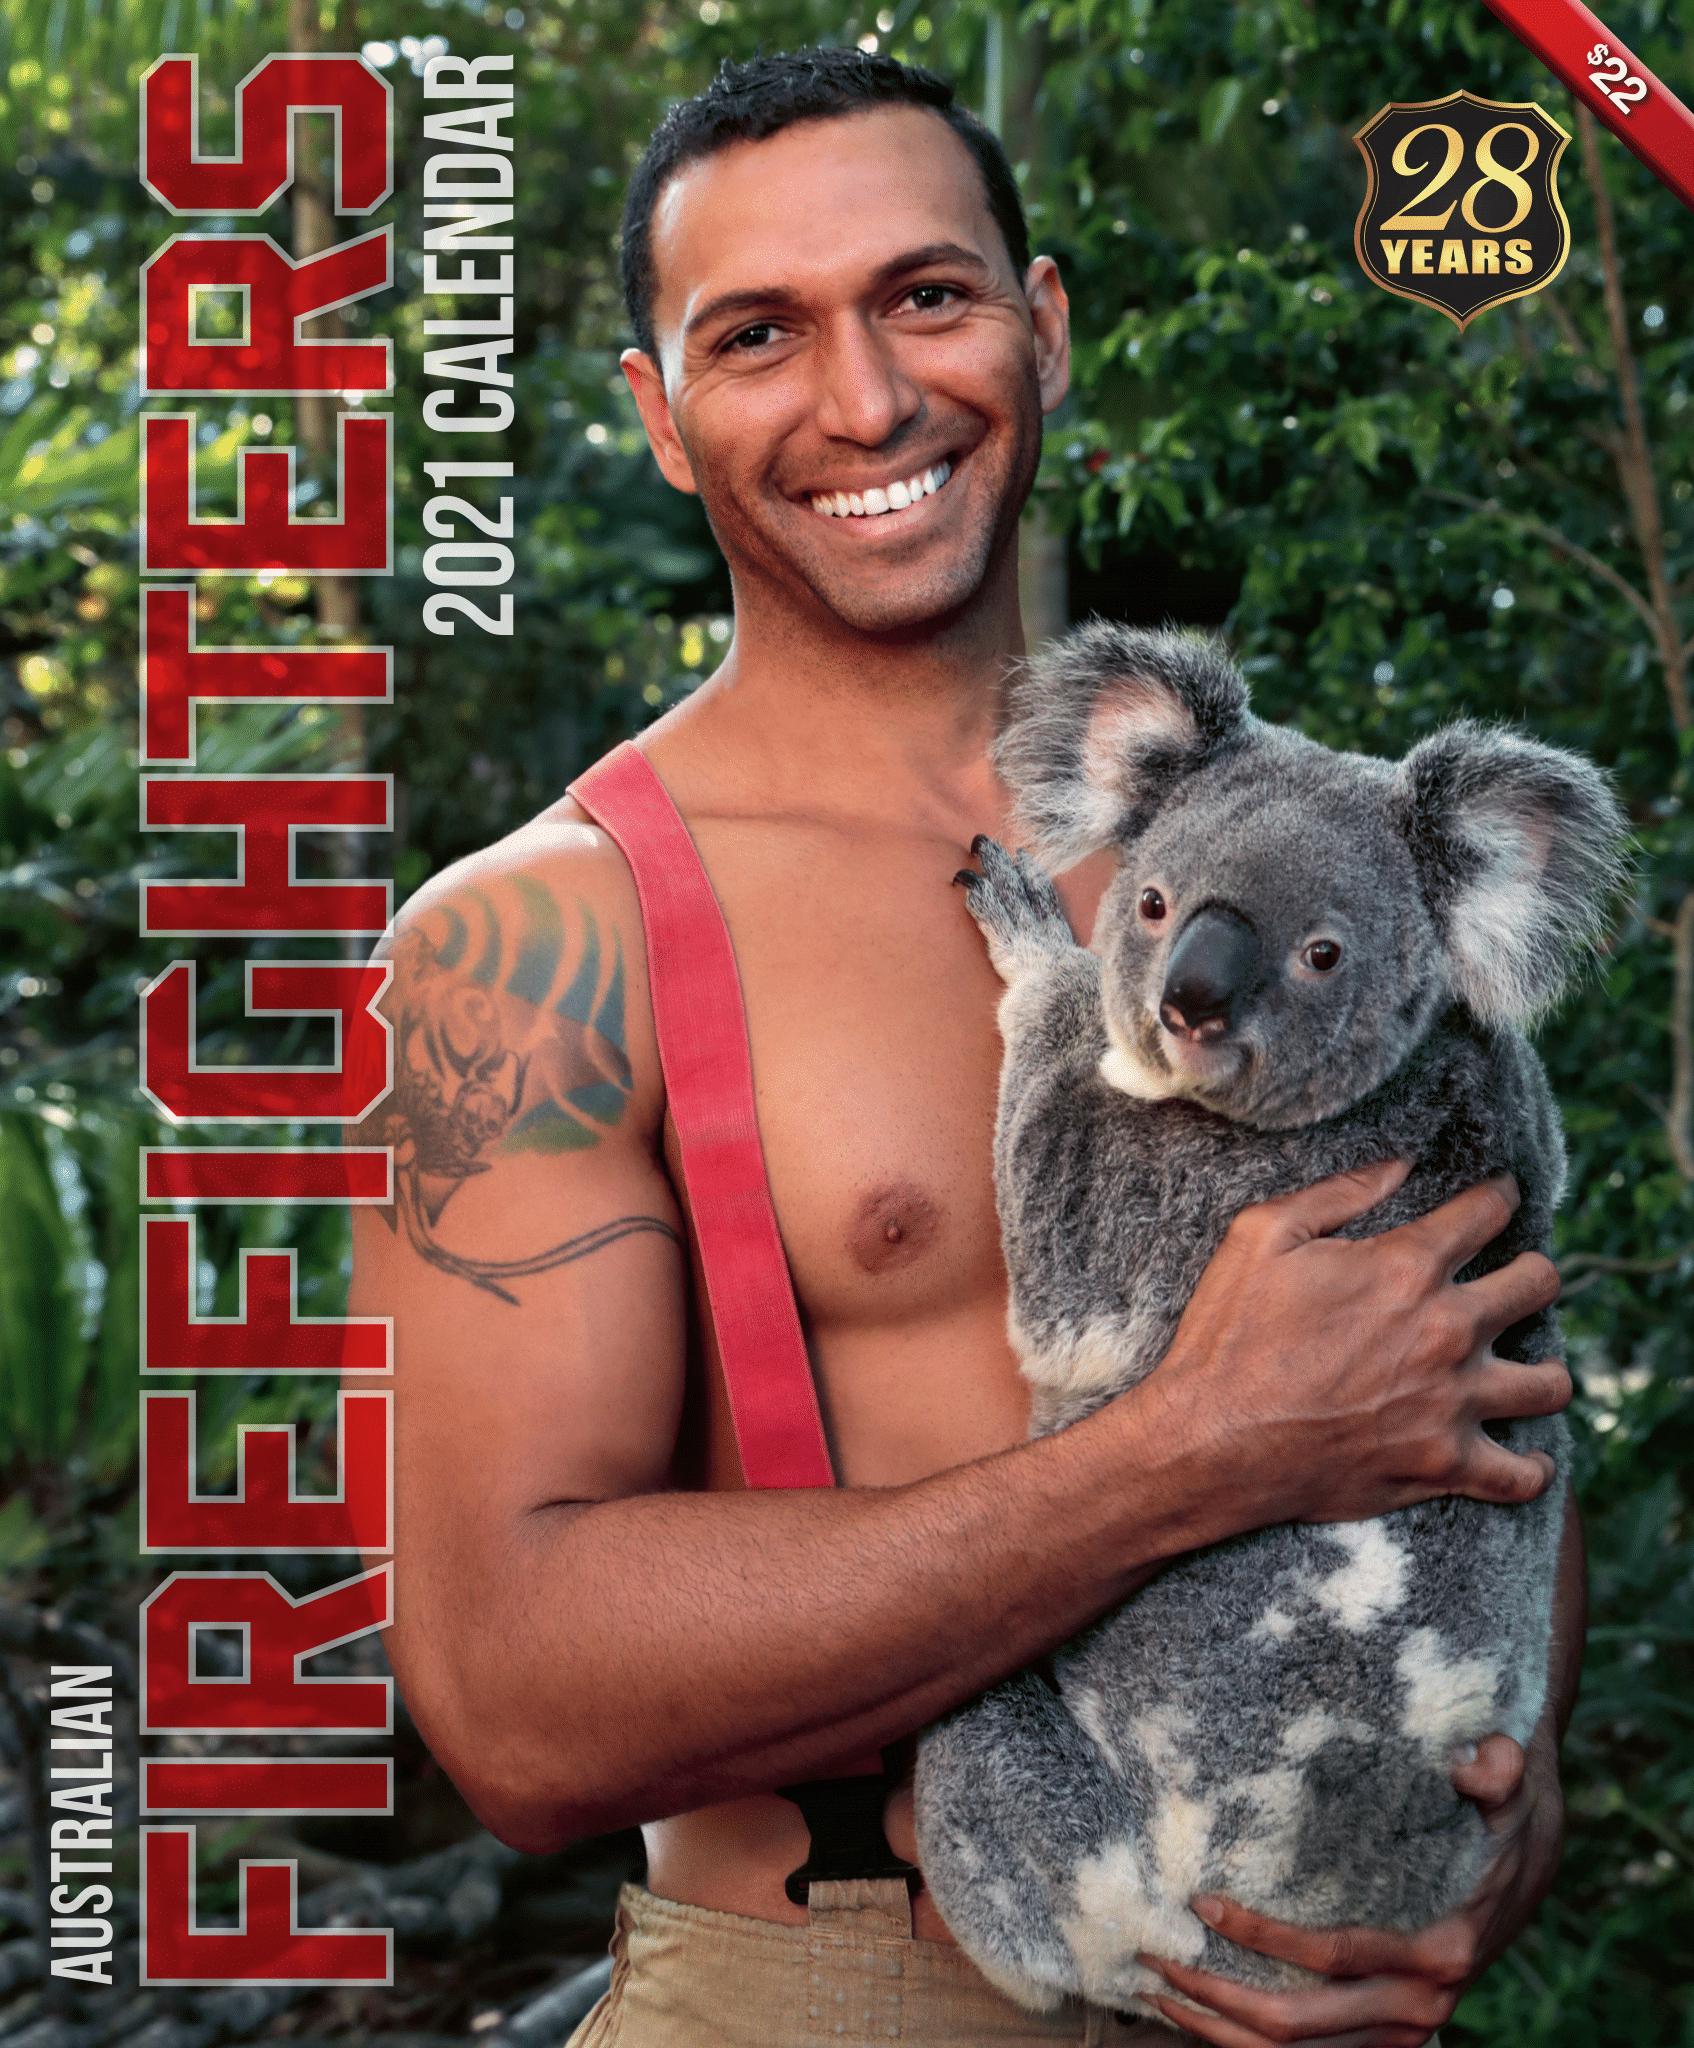 Голый торс и коала: австралийские пожарные снялись для нового календаря - фото 16